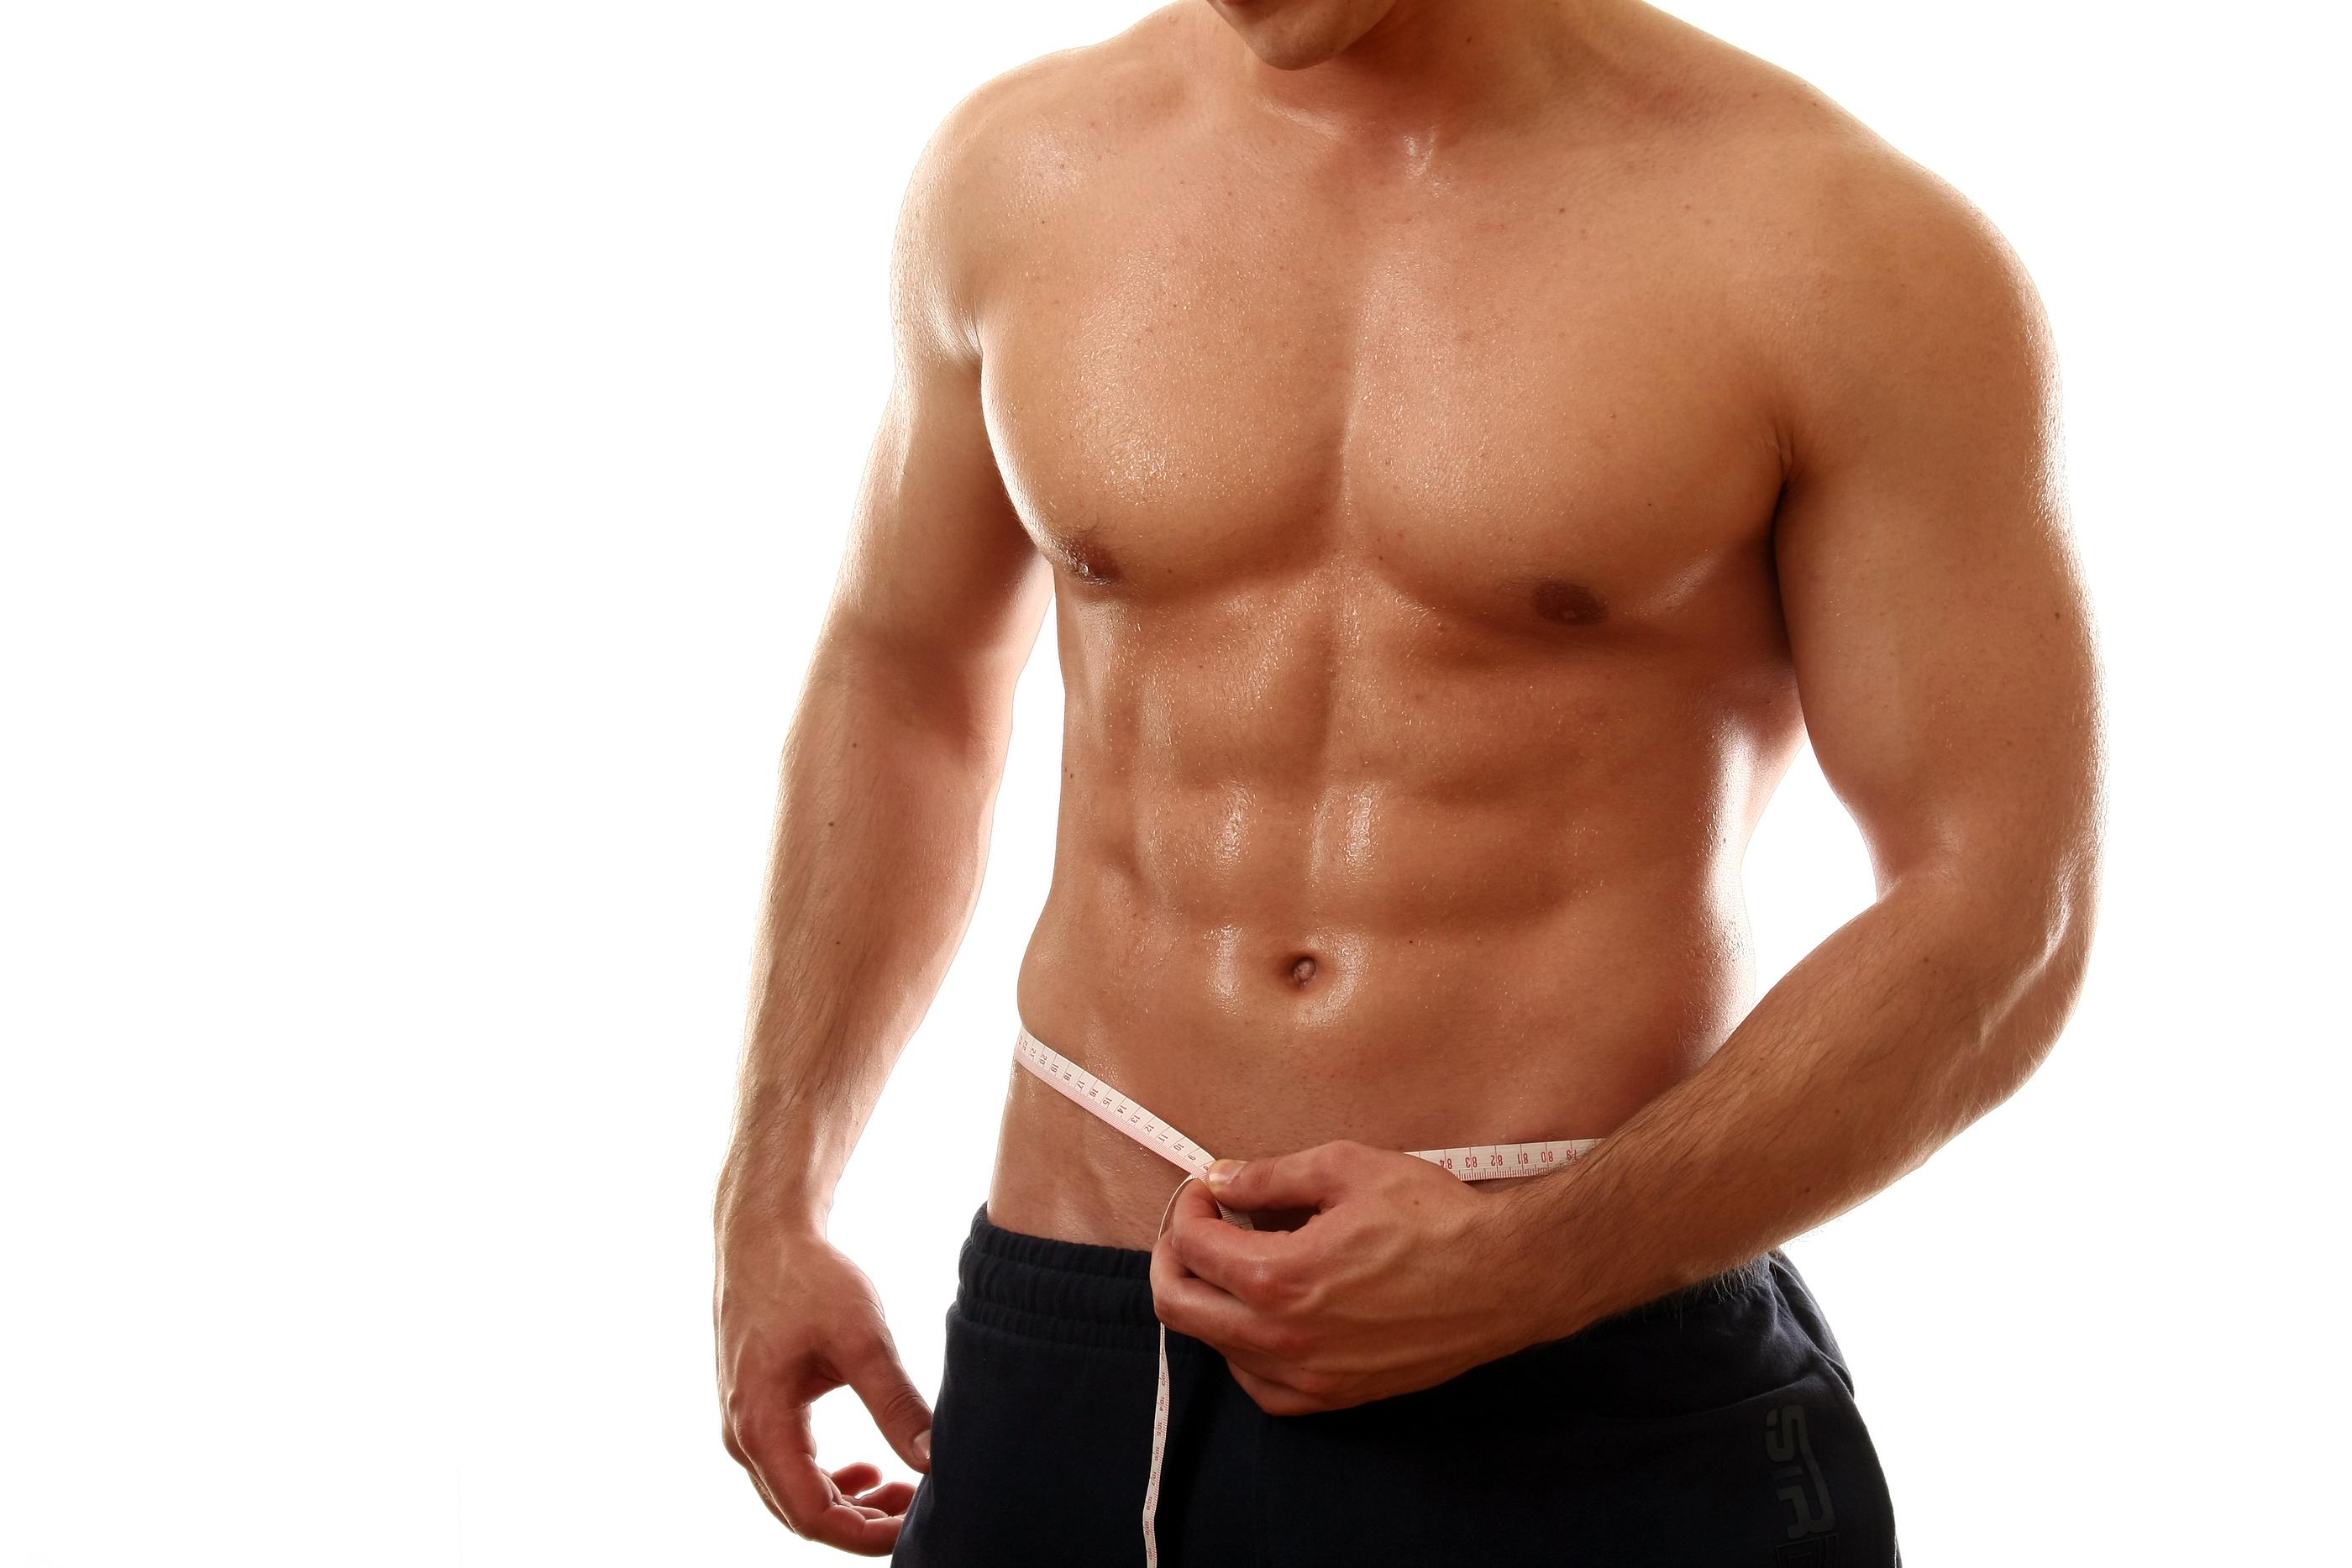 صورة تمارين عضلات البطن , كيف تصبح بدون كرش